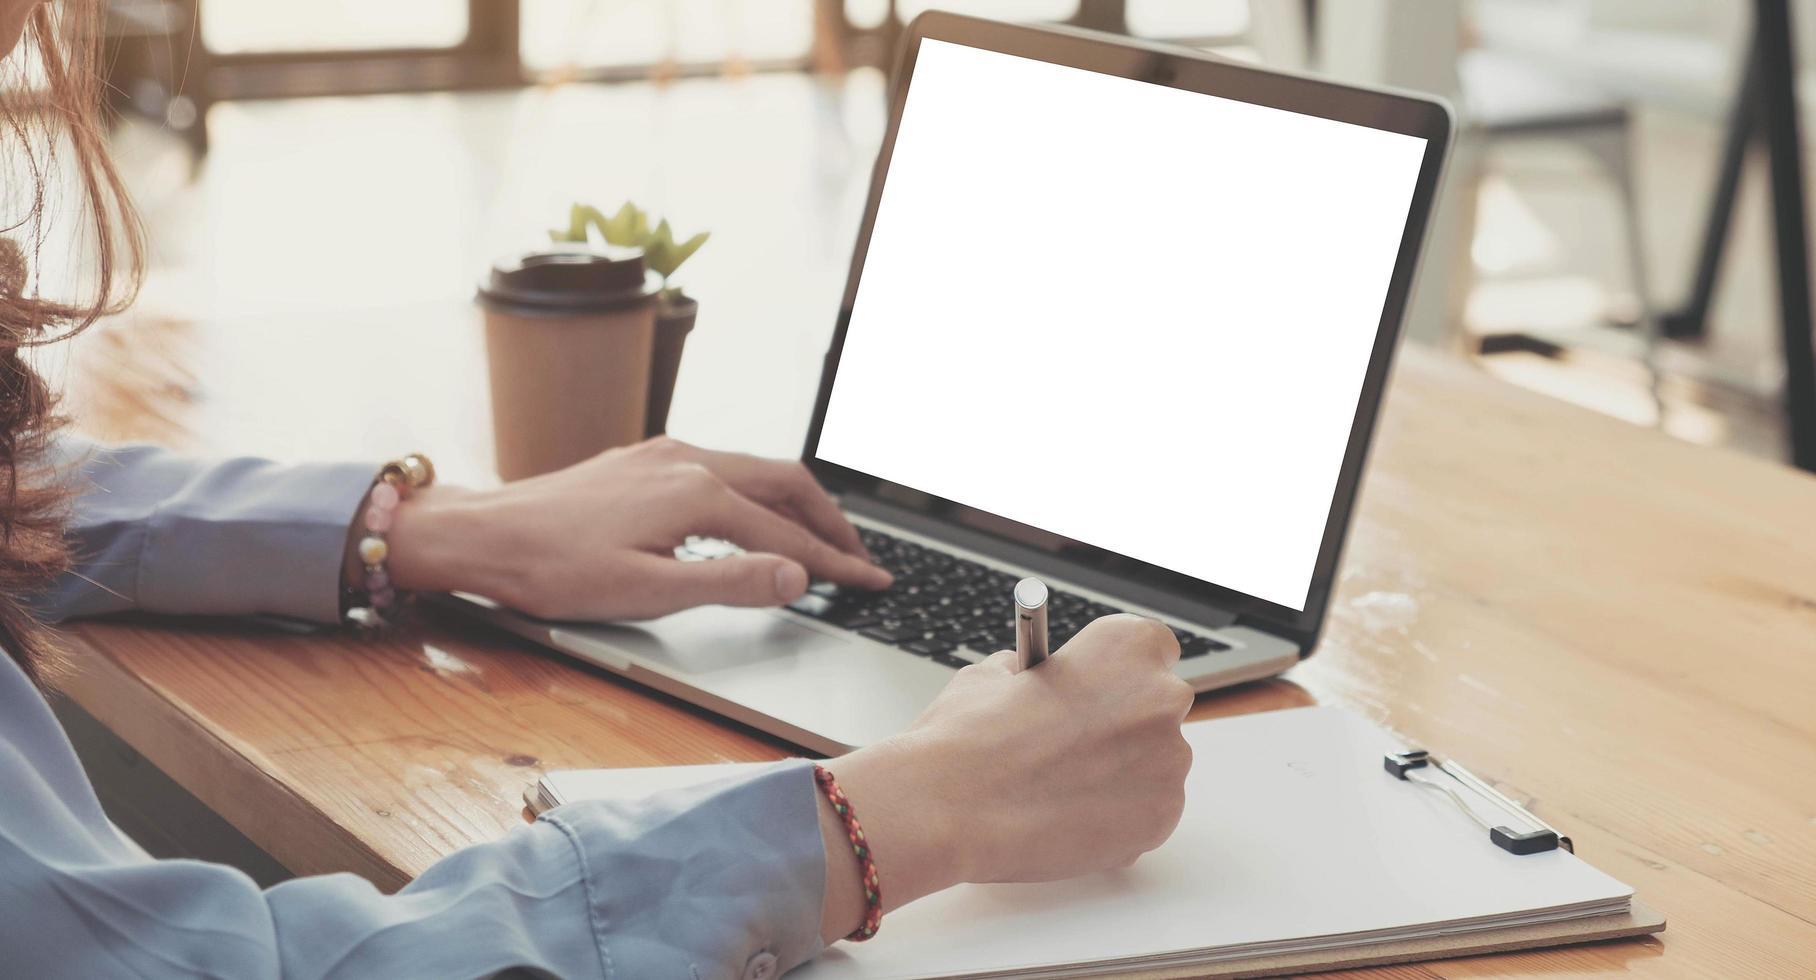 persoon die een laptopmodel gebruikt foto